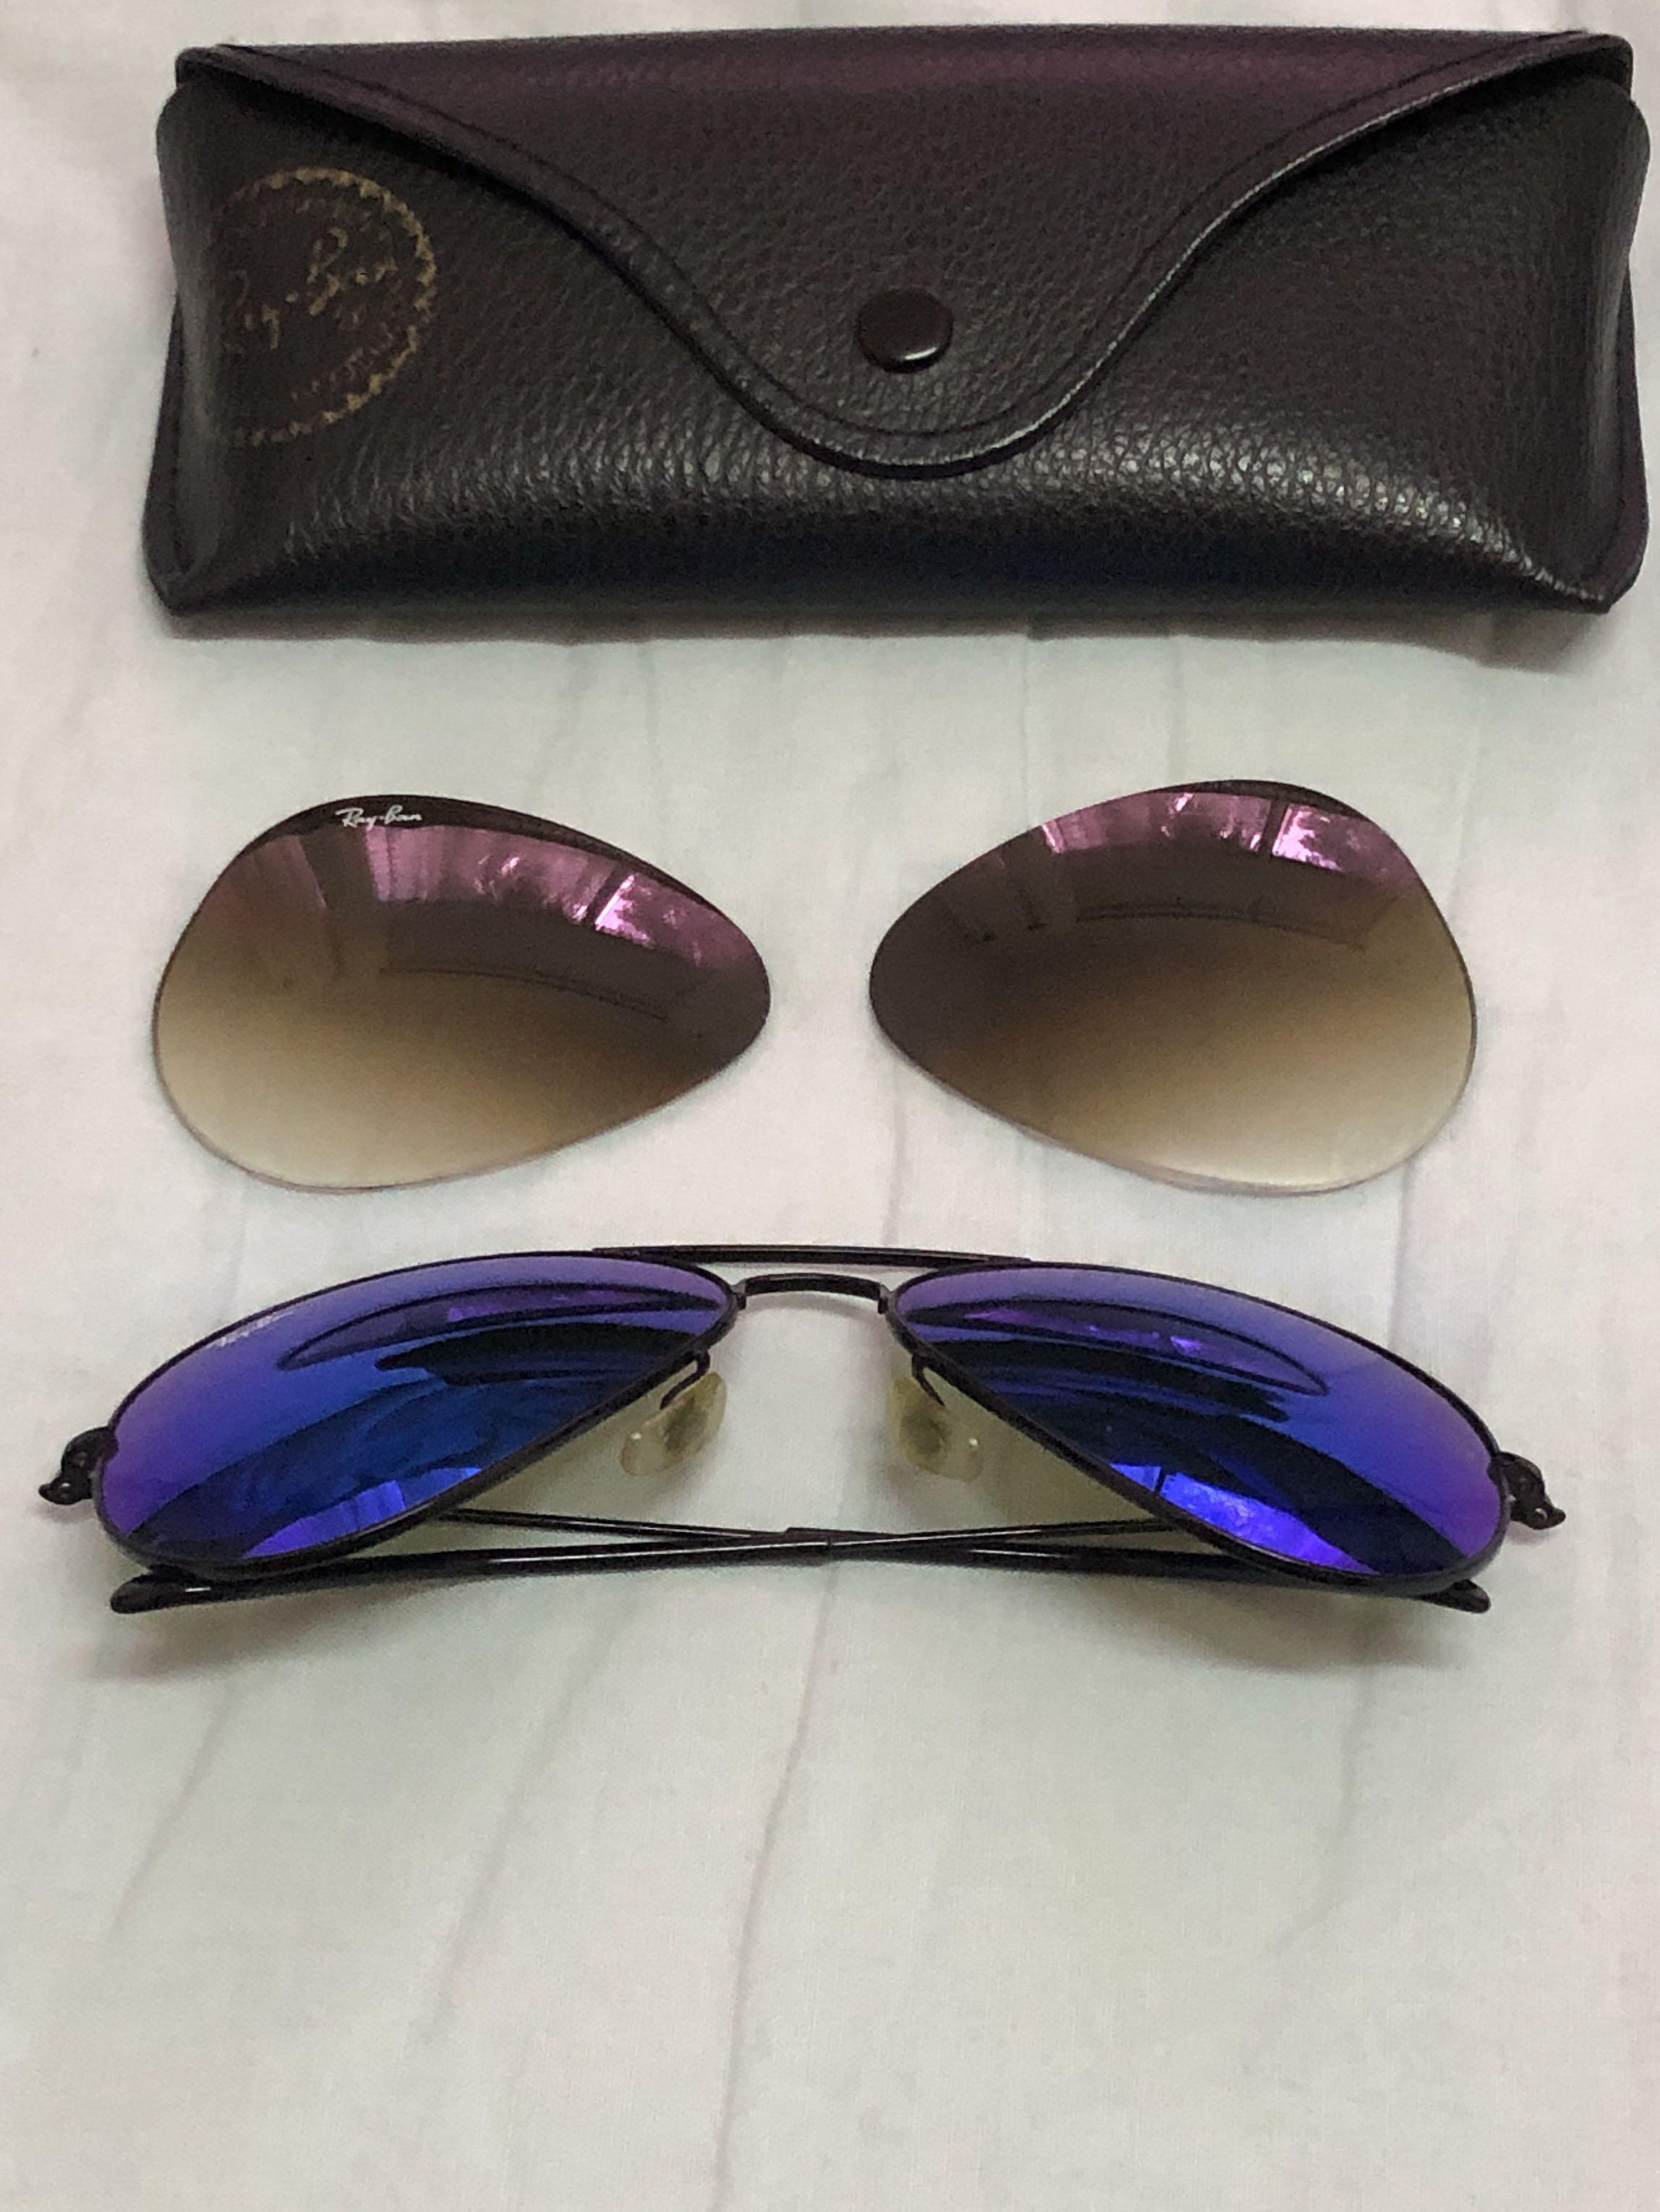 31a77791ae2e Ranyban 3025 (size 58) with 2 coloured lens, Men's Fashion ...